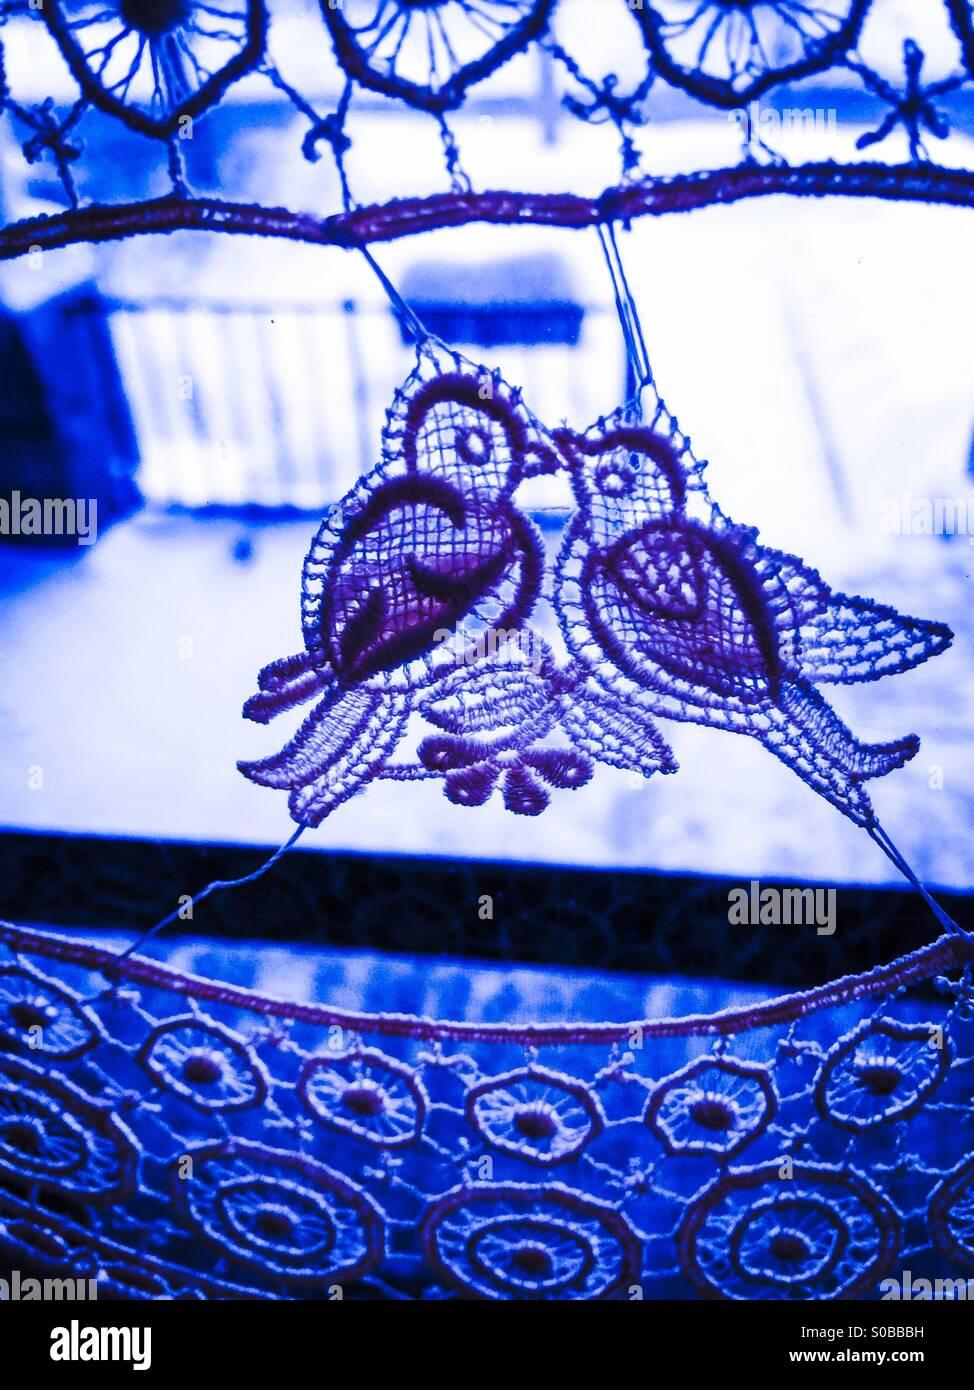 Blaue Turteltauben Stockbild